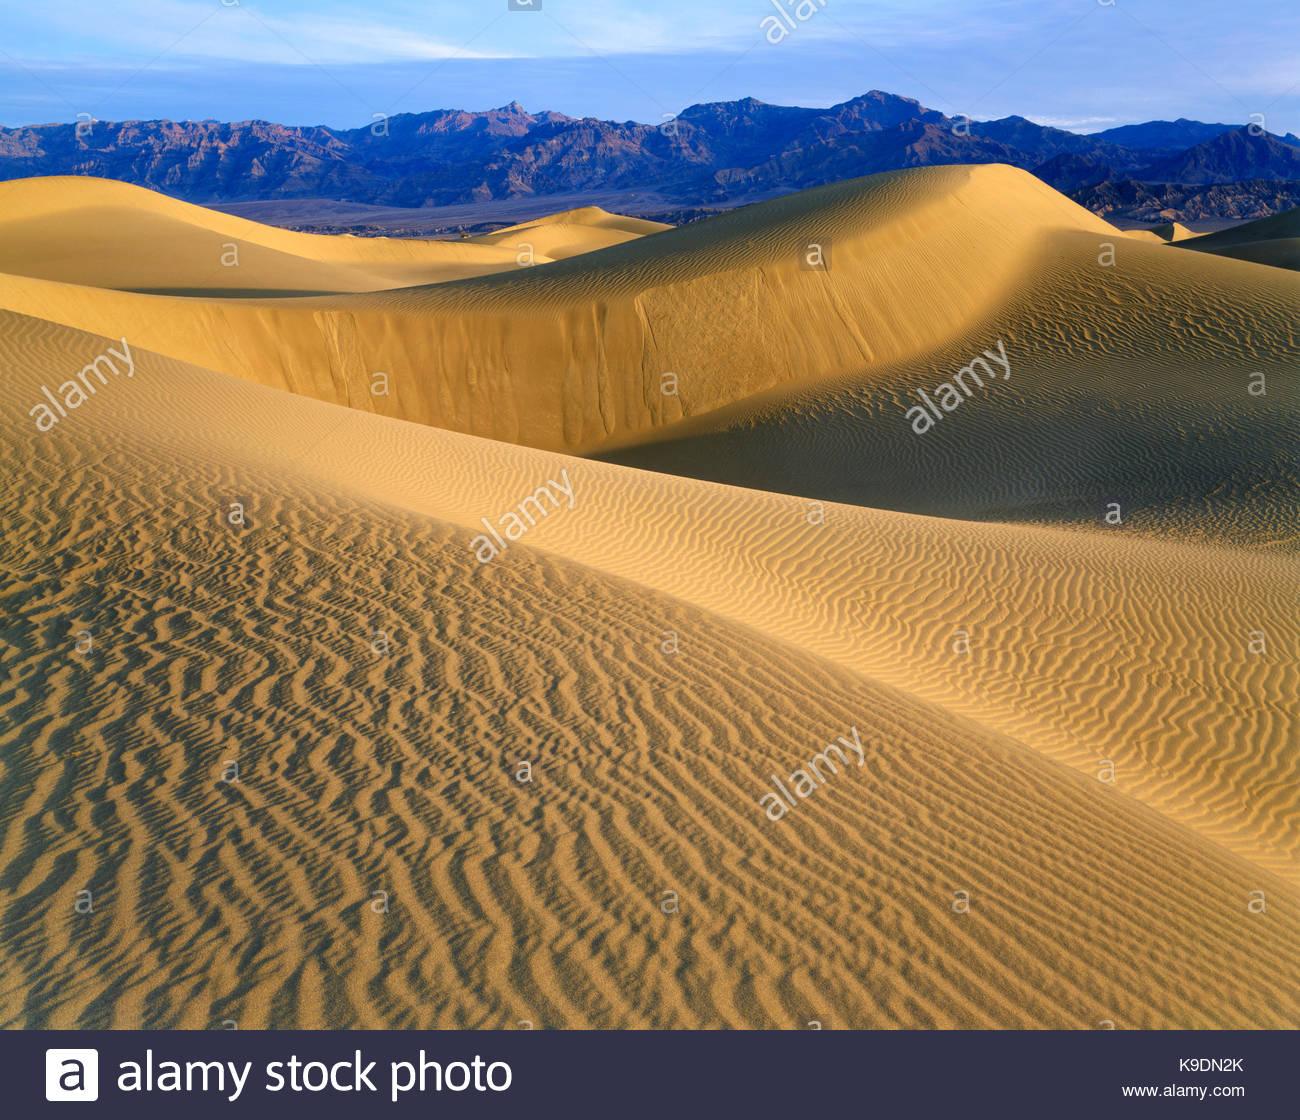 Dunas de Arena cerca de Mesquite Flat, el Parque Nacional Valle de la Muerte, California Imagen De Stock